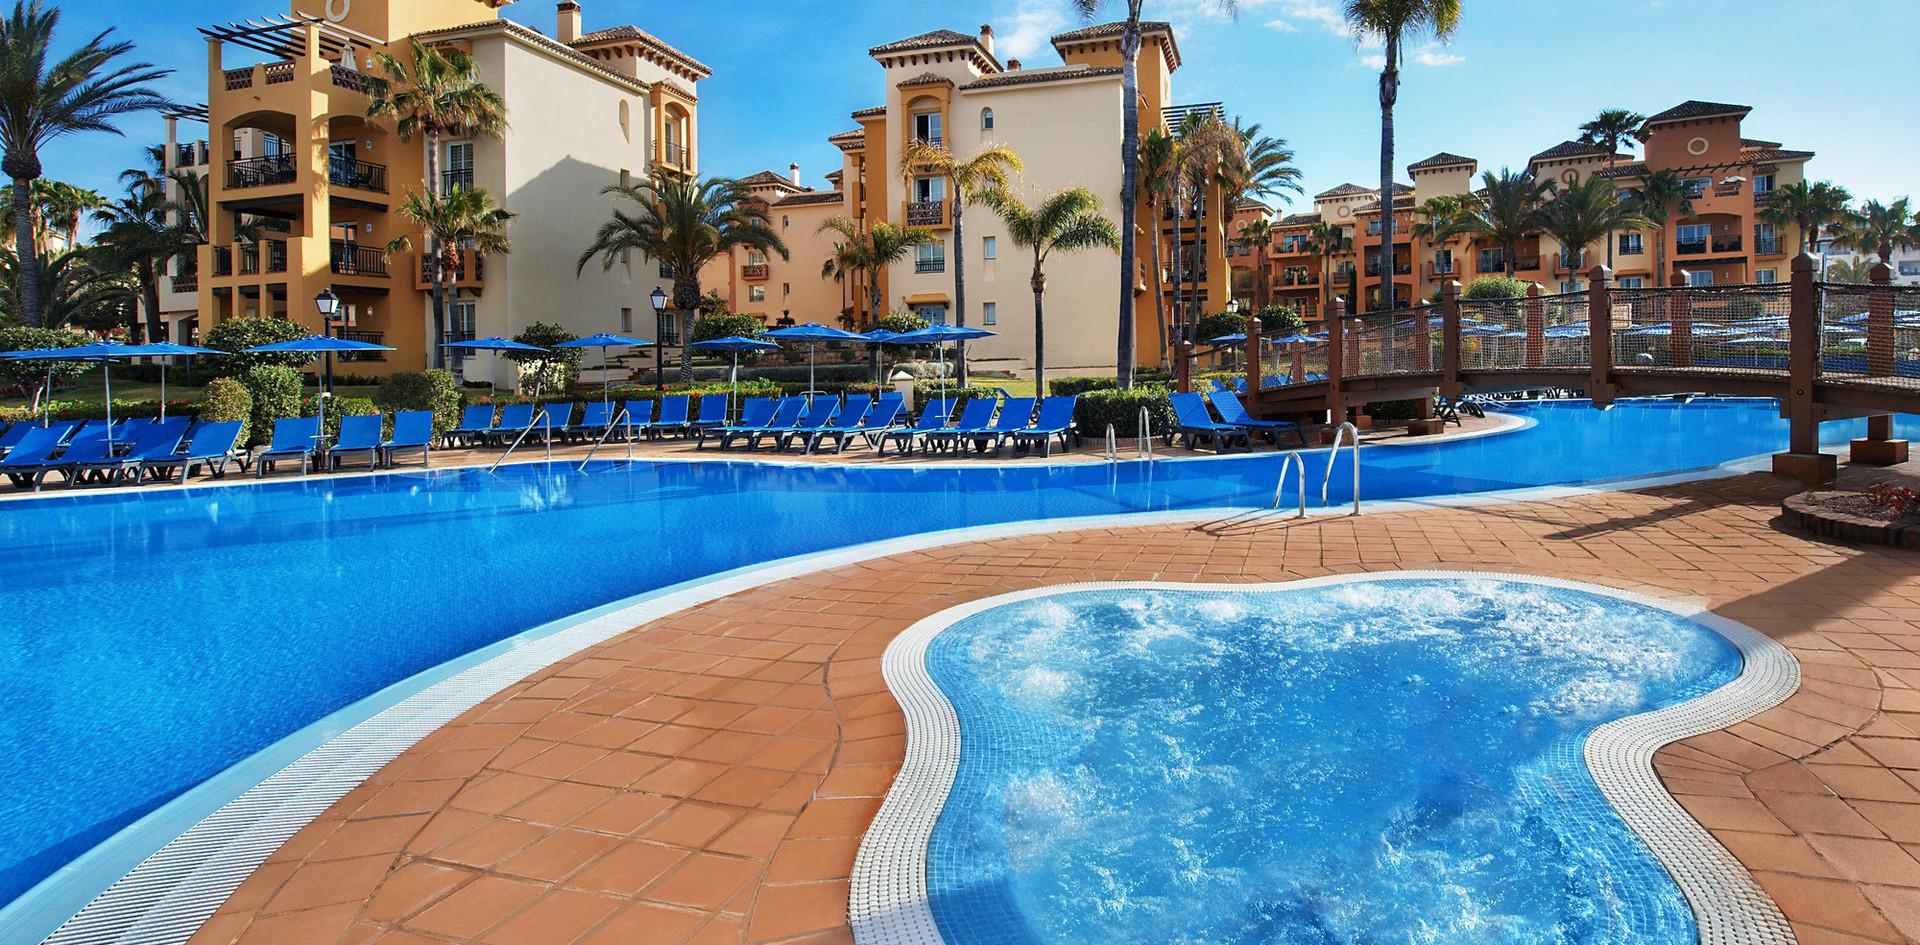 Marriotts Marbella pool 1.jpg